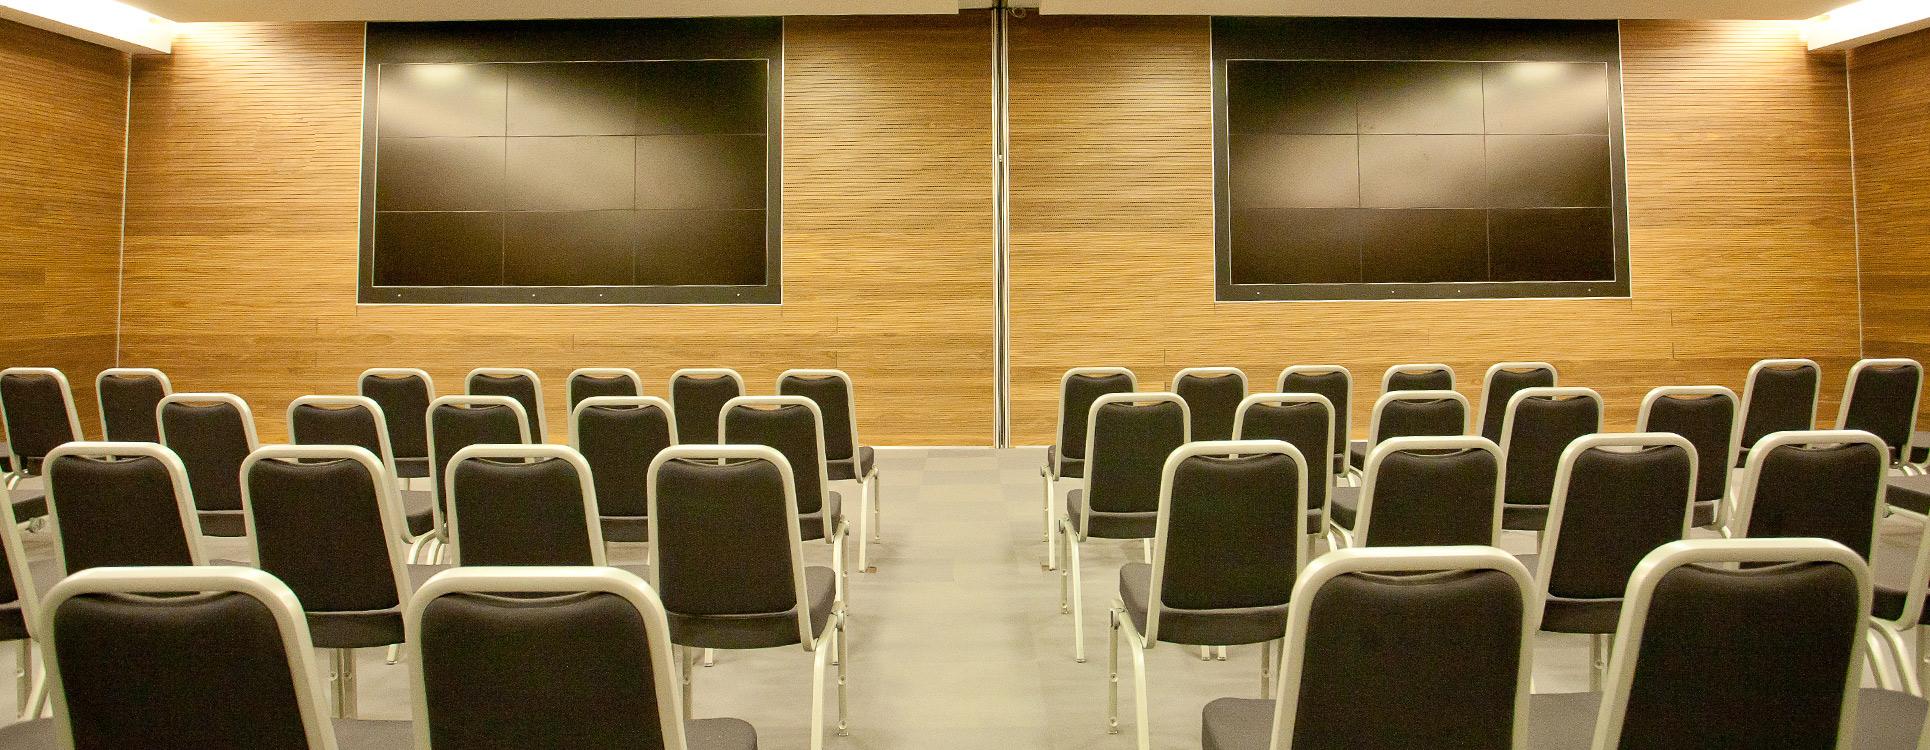 Sali-de-conferinte-meeting-training